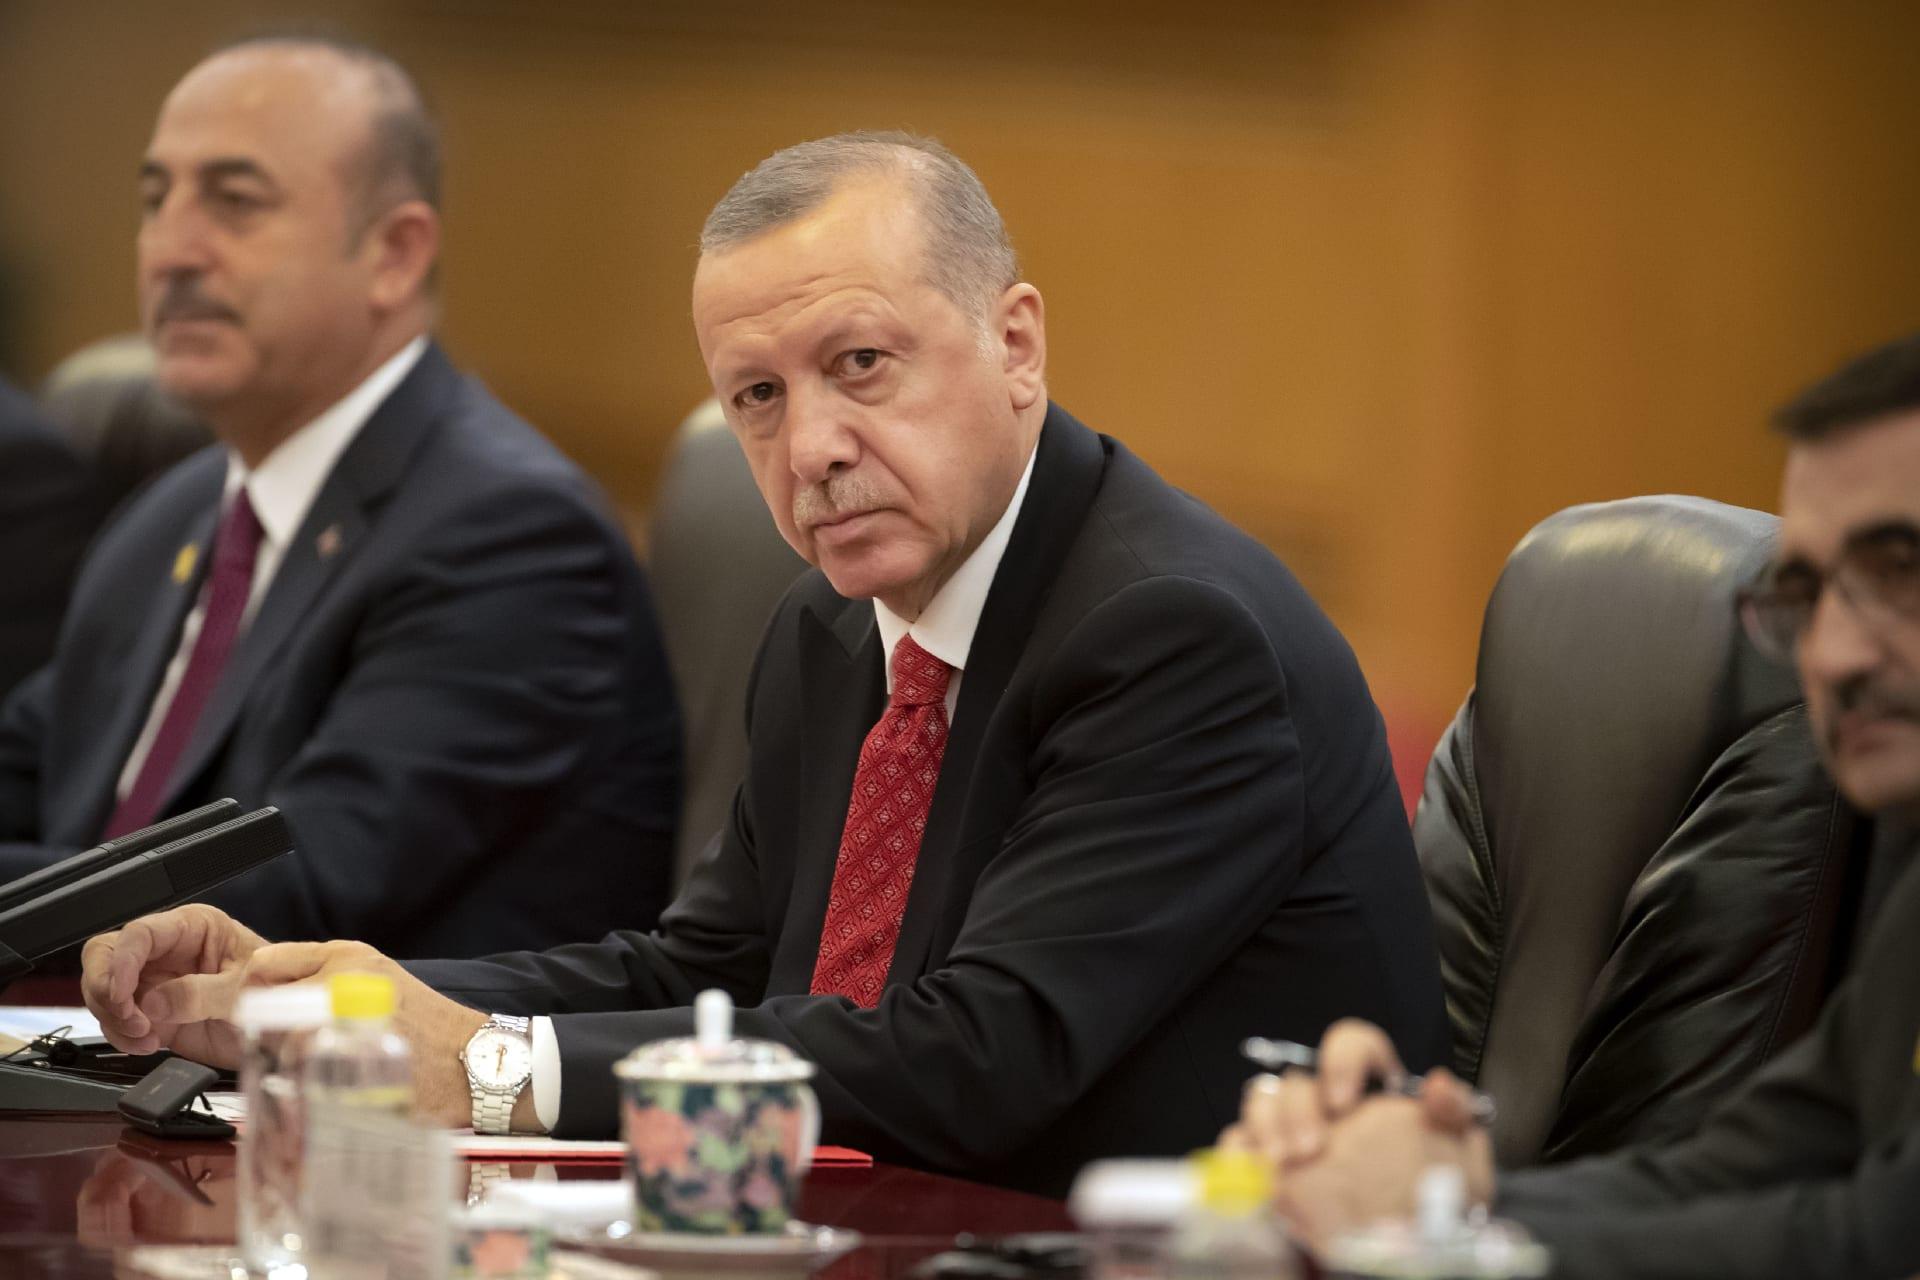 """قال أردوغان """"مزقتها تركيا قبل 100 عام"""".. ما قصة معاهدة سيفر؟"""